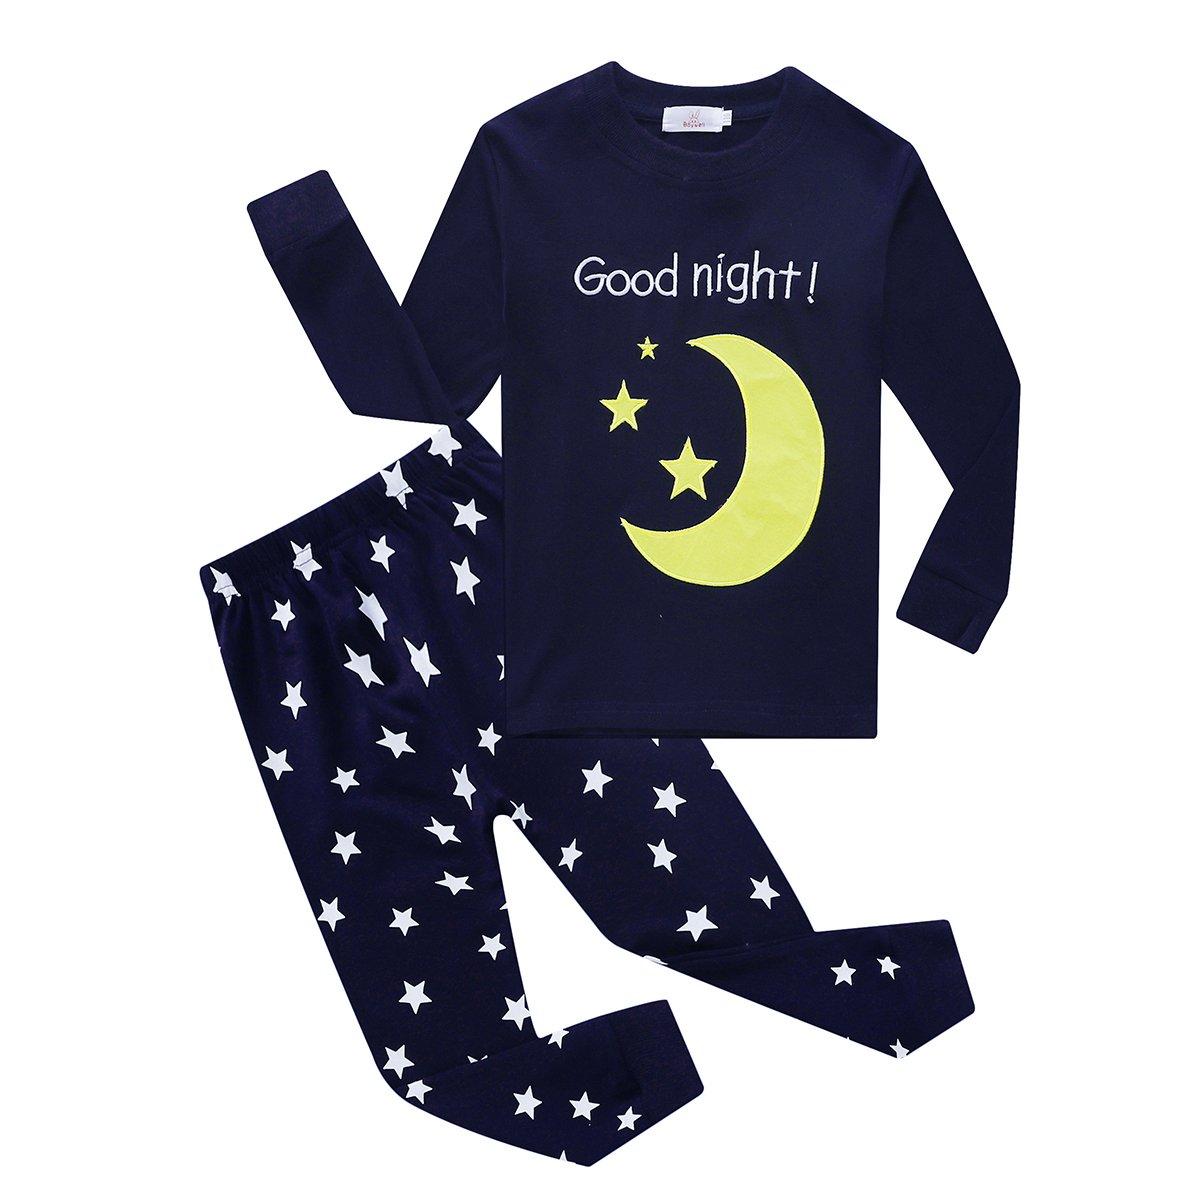 Baywell Kids Comfortable Cotton Pajamas Boys Girls Embroidered Good Night Moon Star Pajamas Set 1-8Y